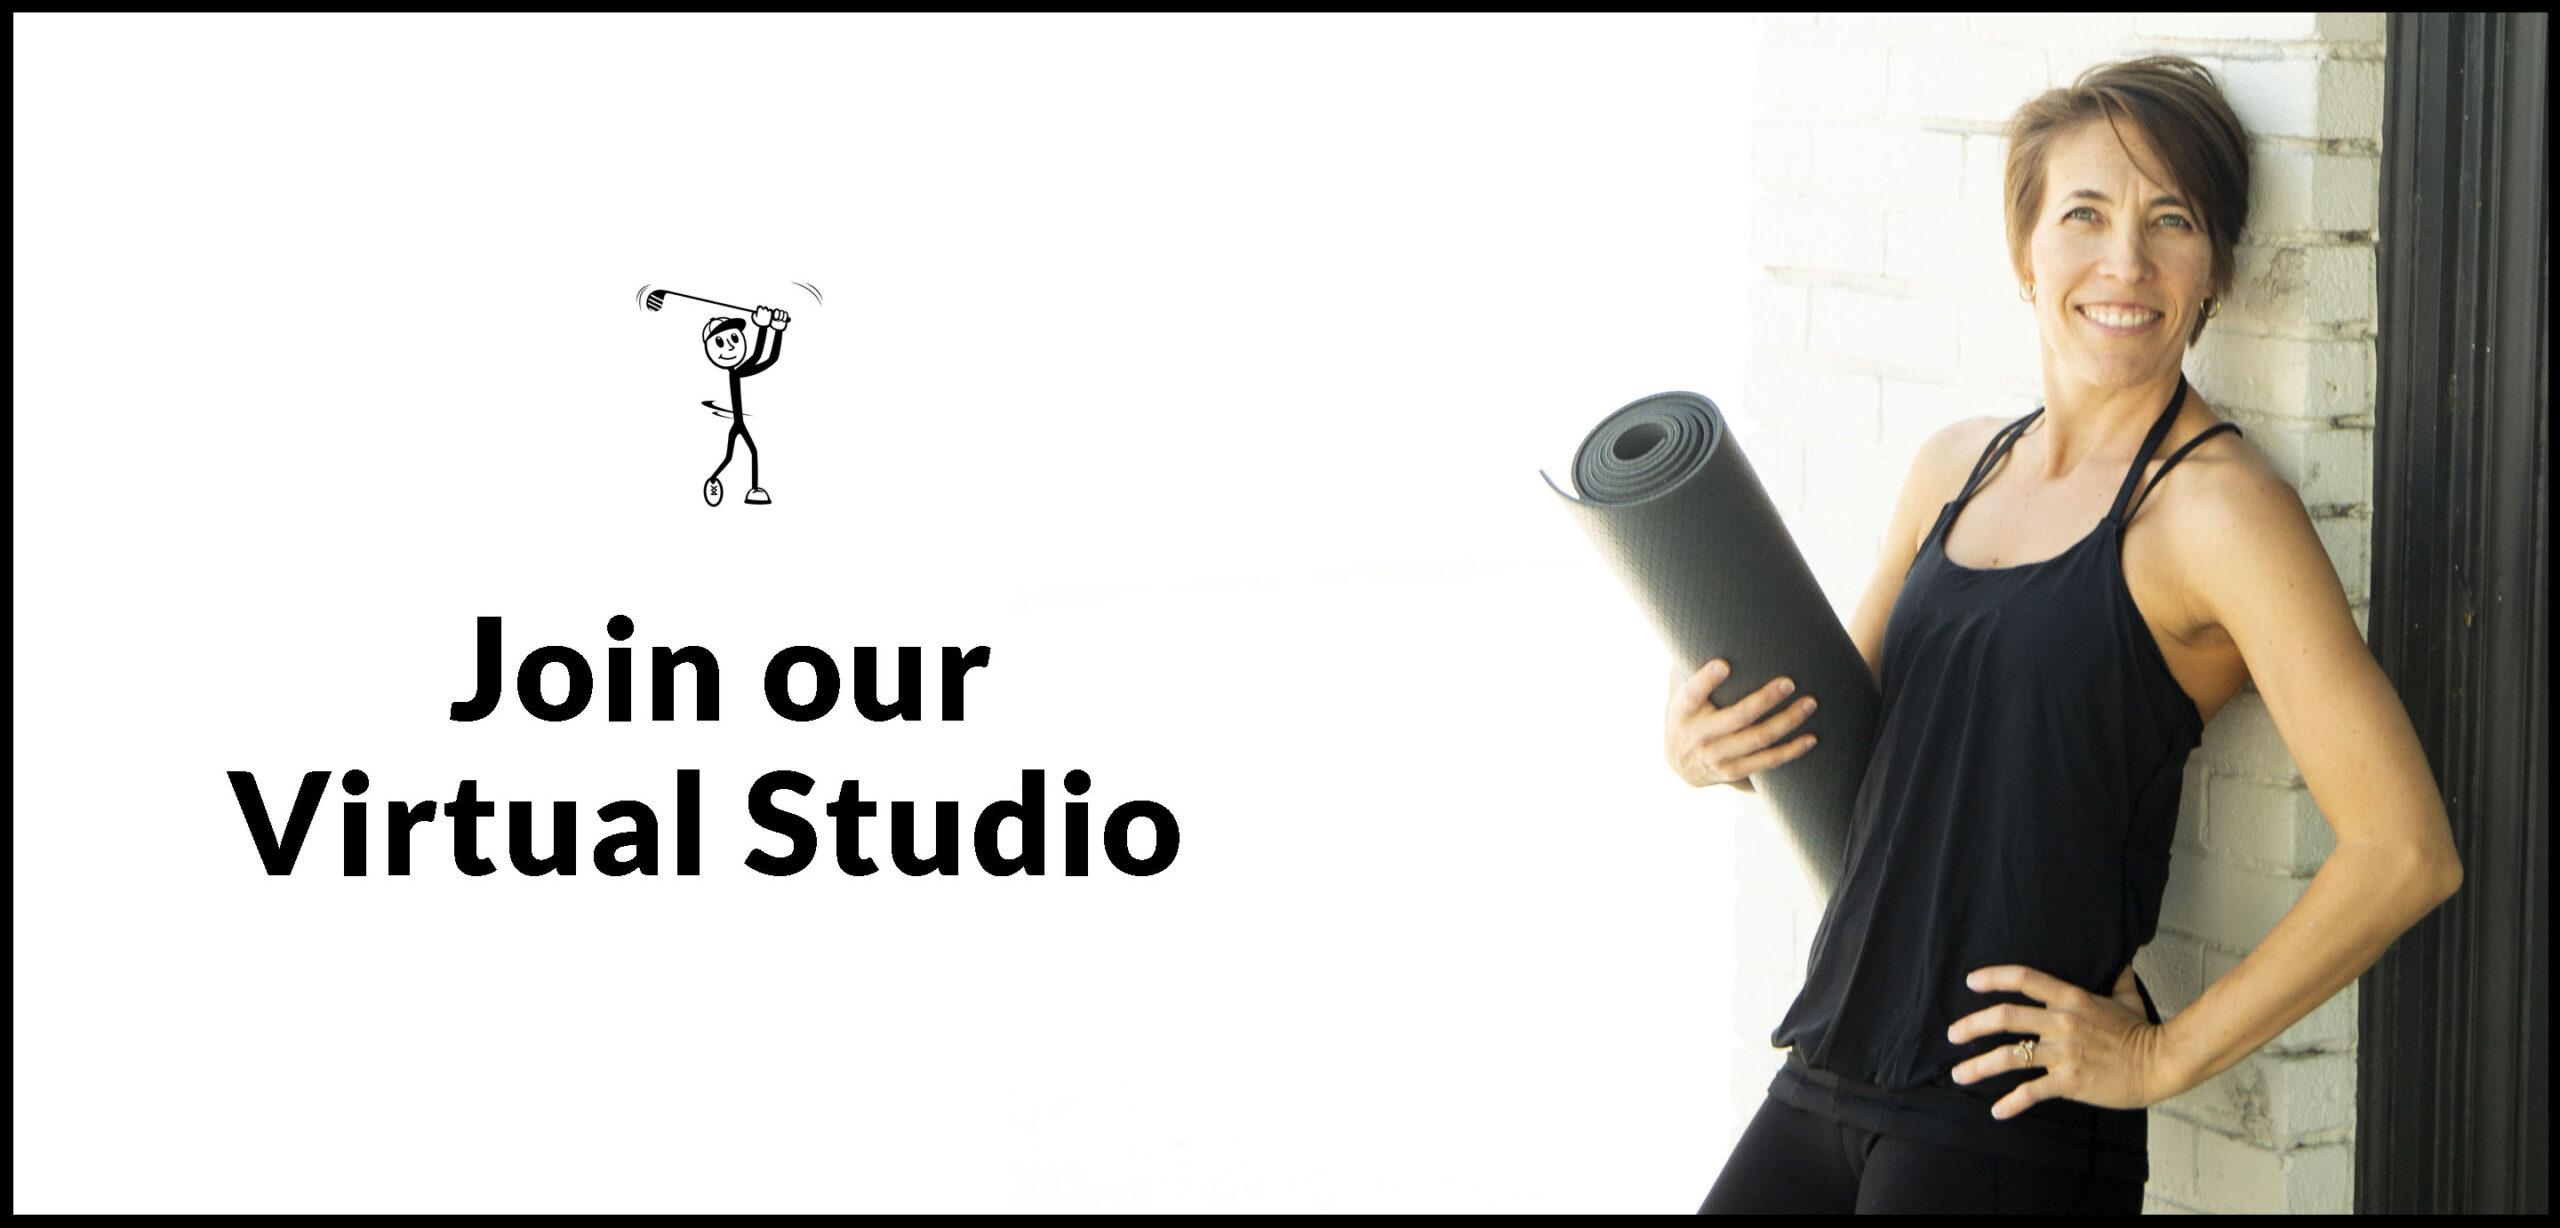 swagtail-yoga-tfg-virtual-stuido2